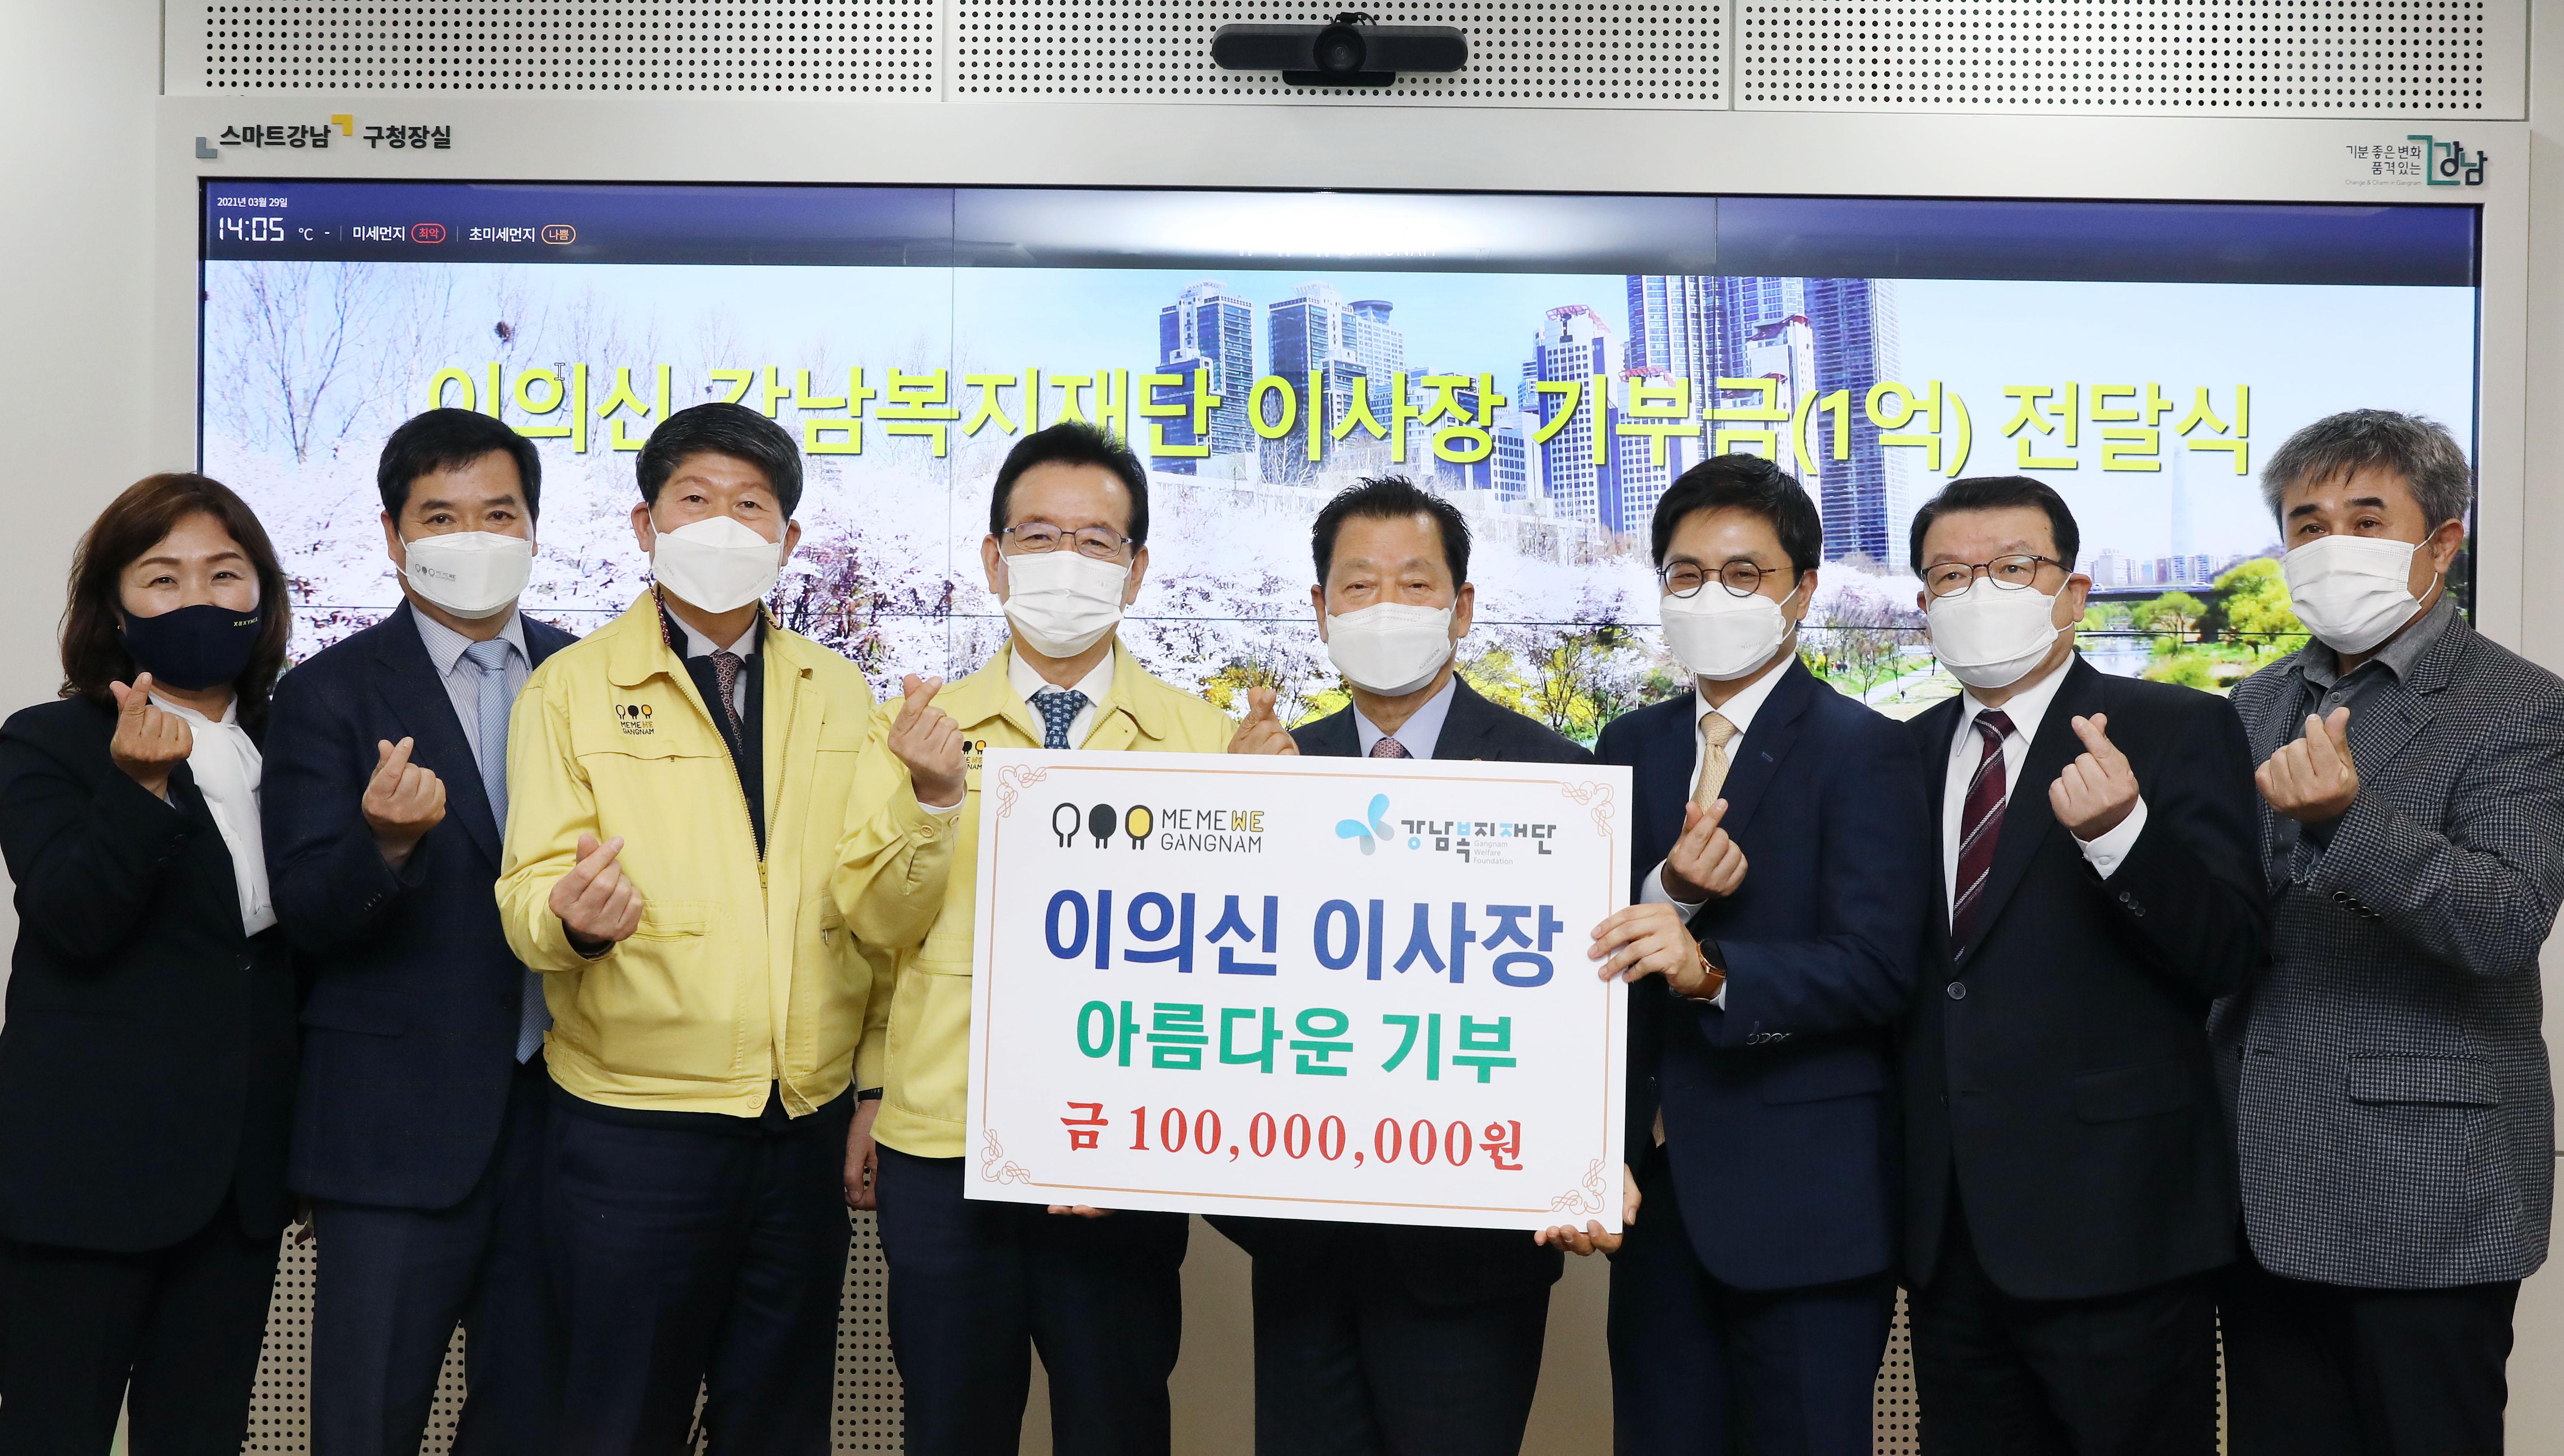 강남복지재단 이의신 이사장님 아름다운 기부